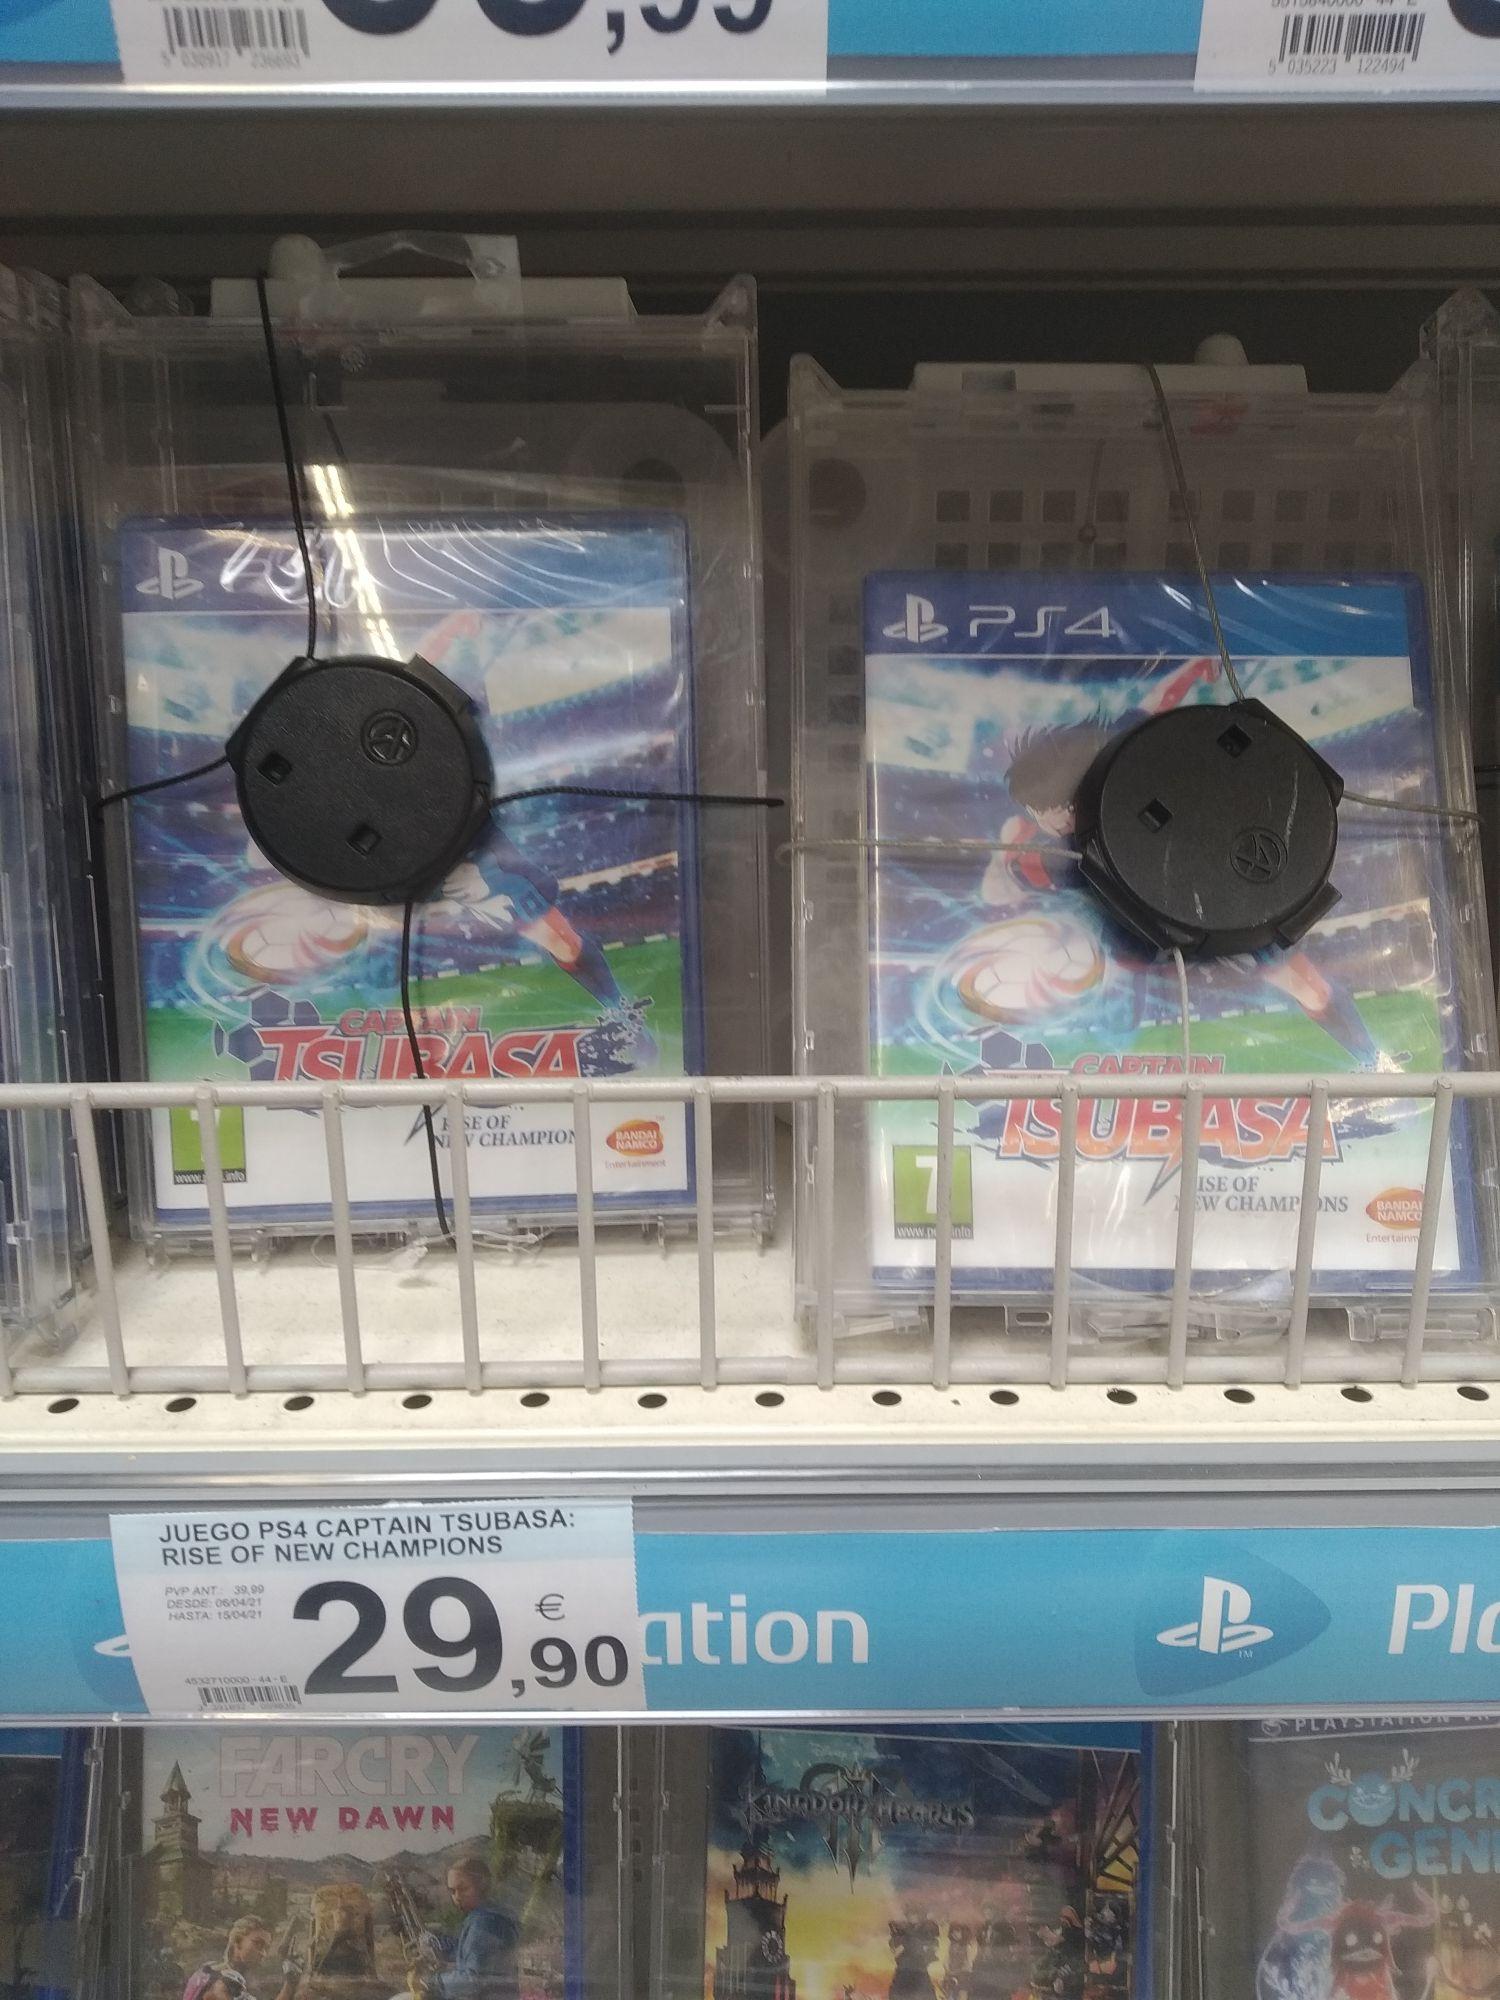 PS4 CAPTAIN TSUBASA